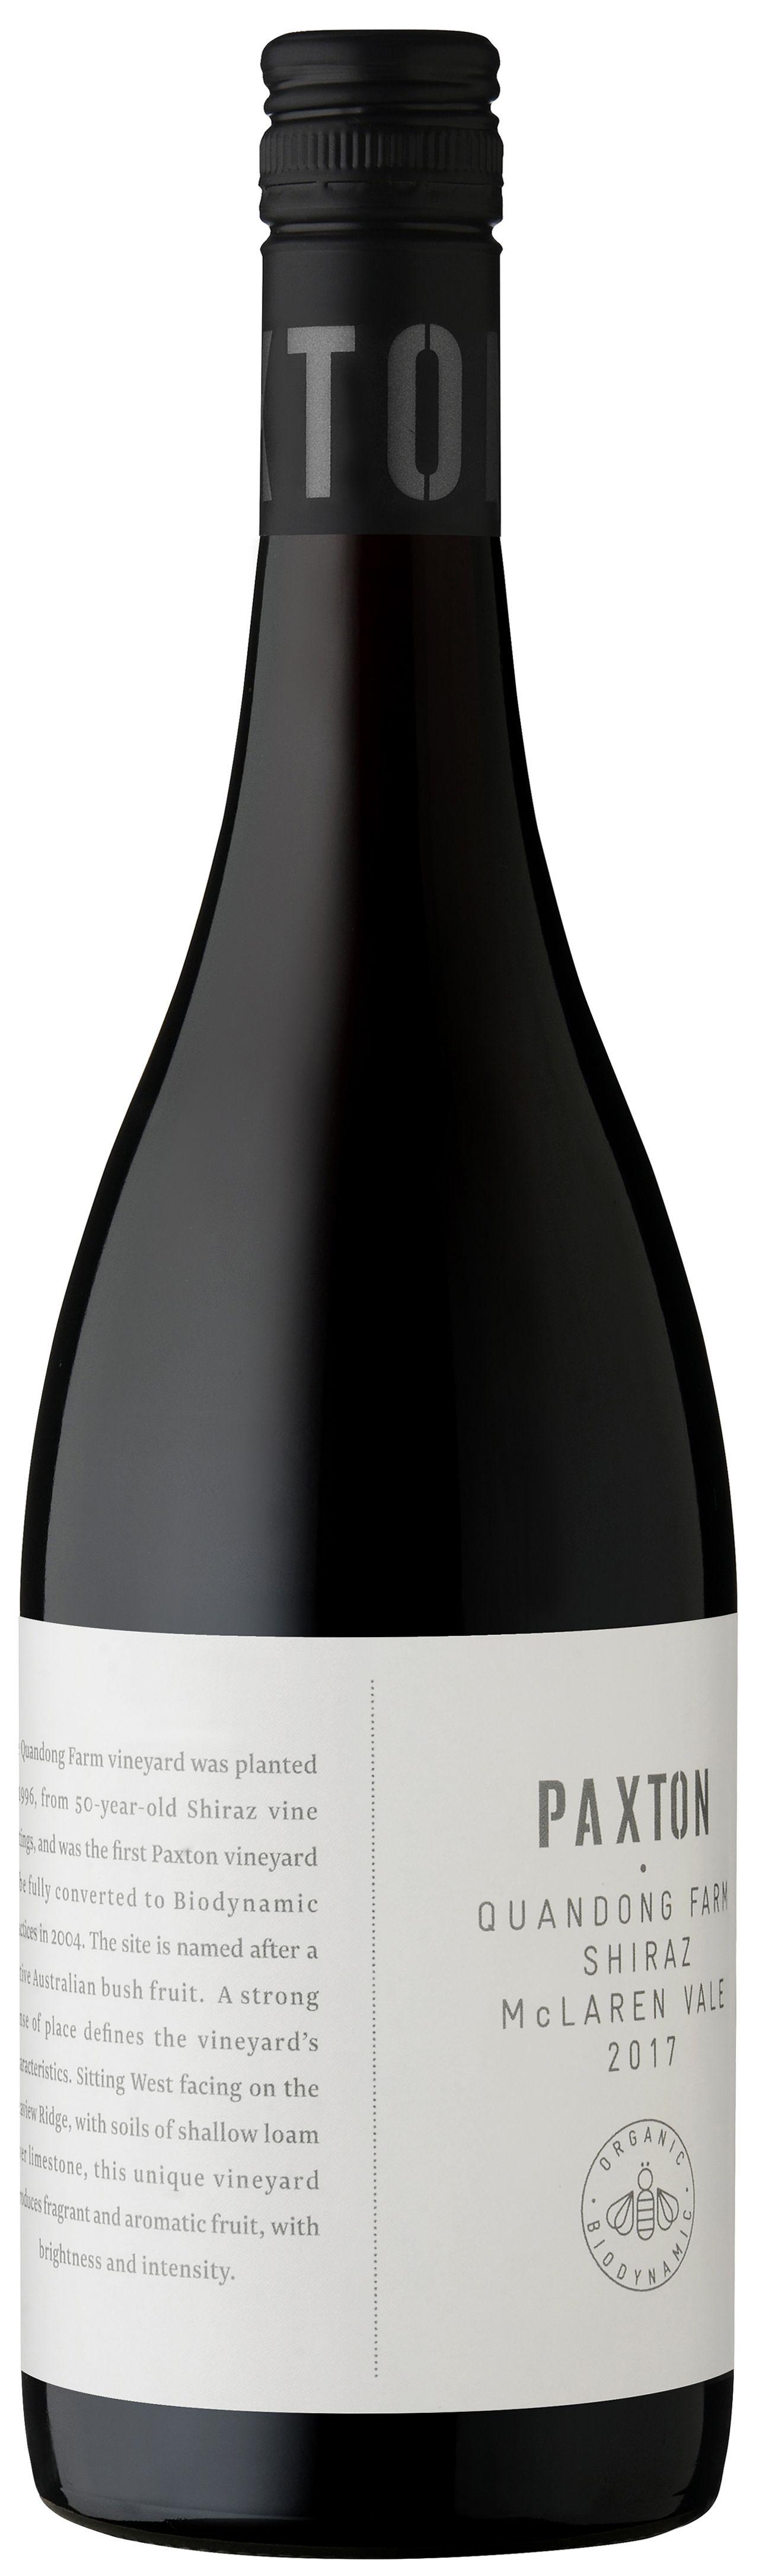 Вино Paxton Wines, «Quandong Farm» Shiraz, 2016